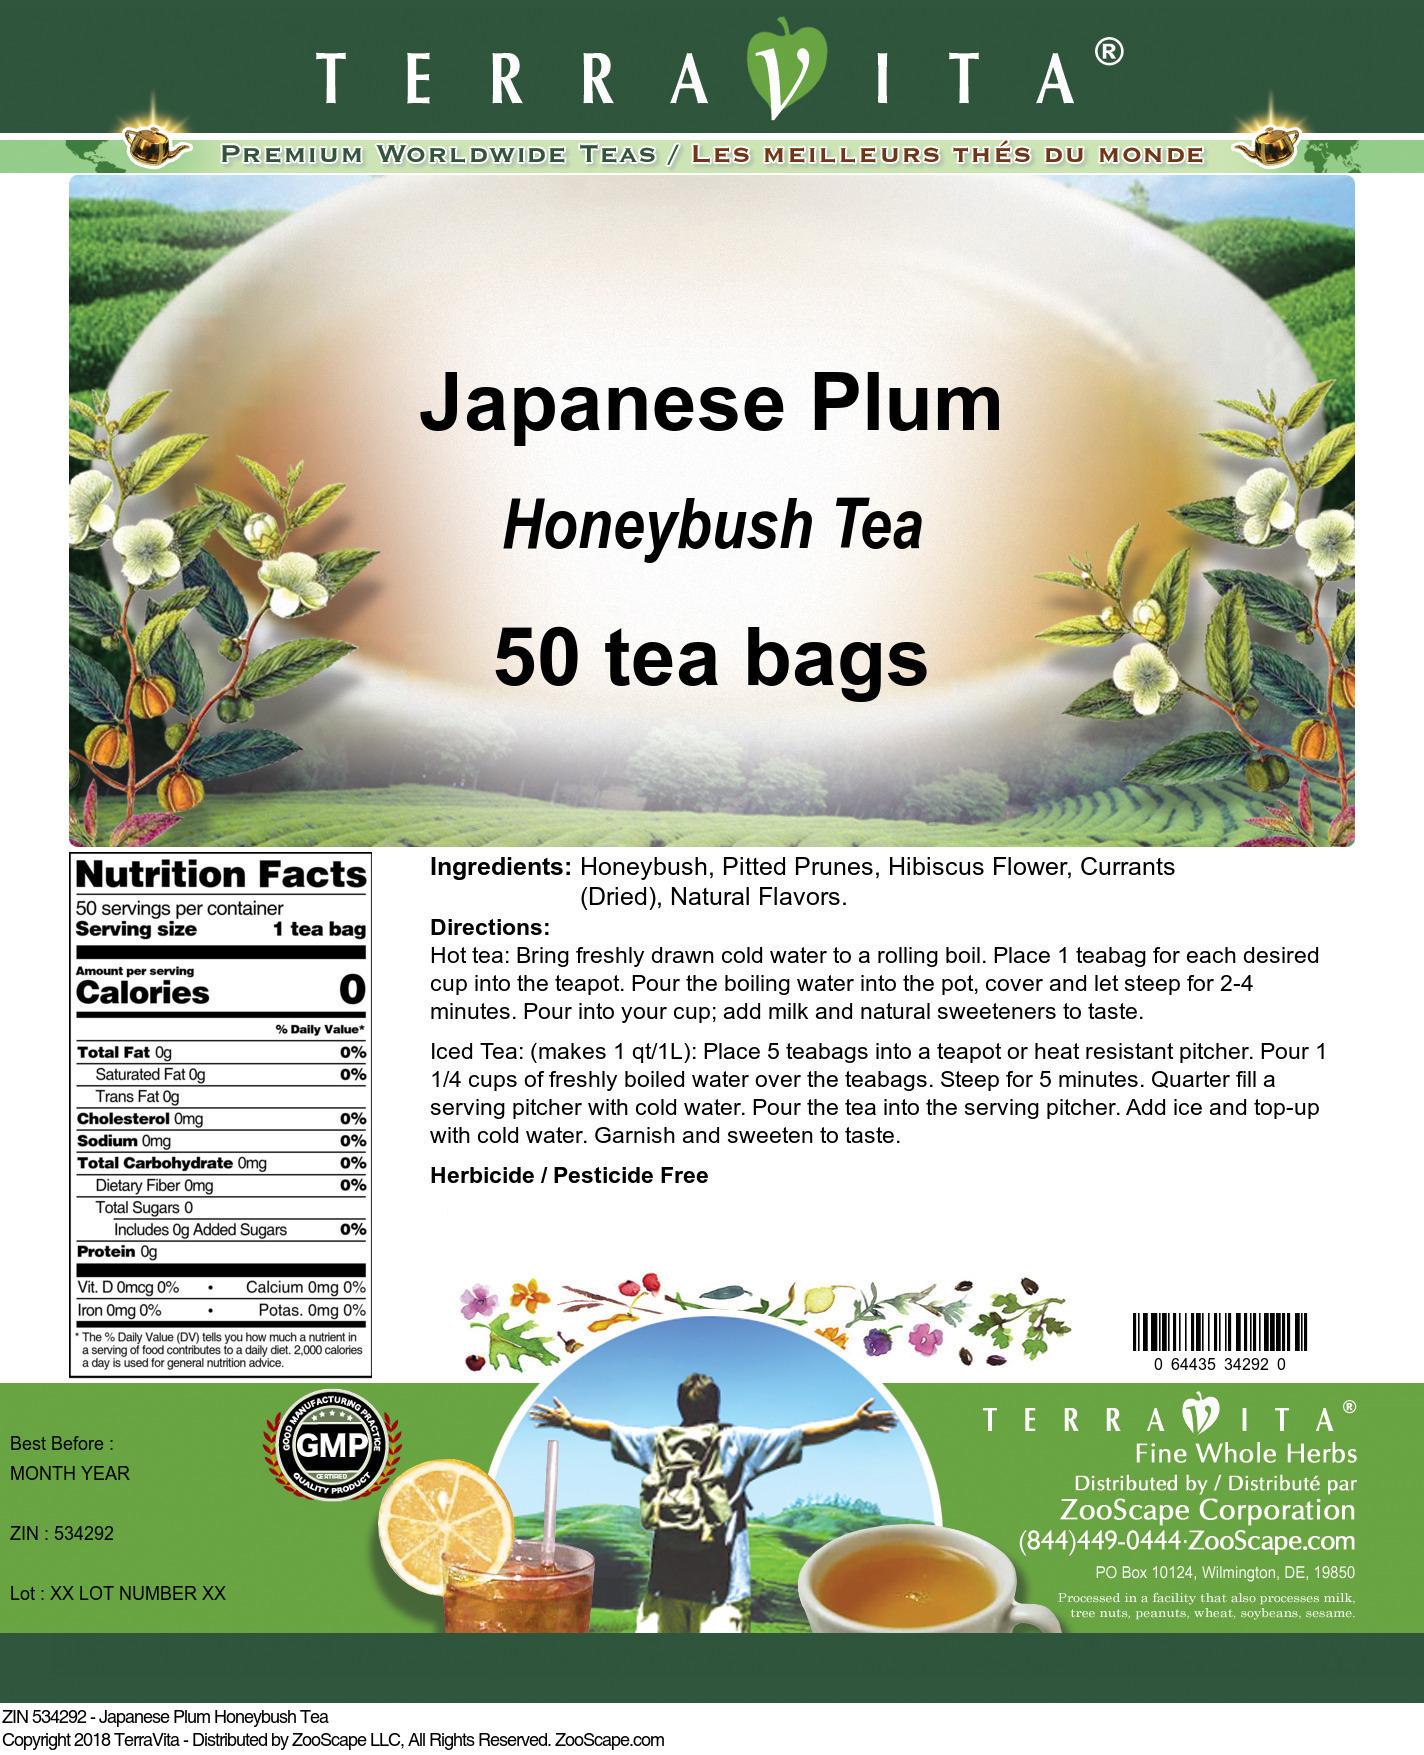 Japanese Plum Honeybush Tea